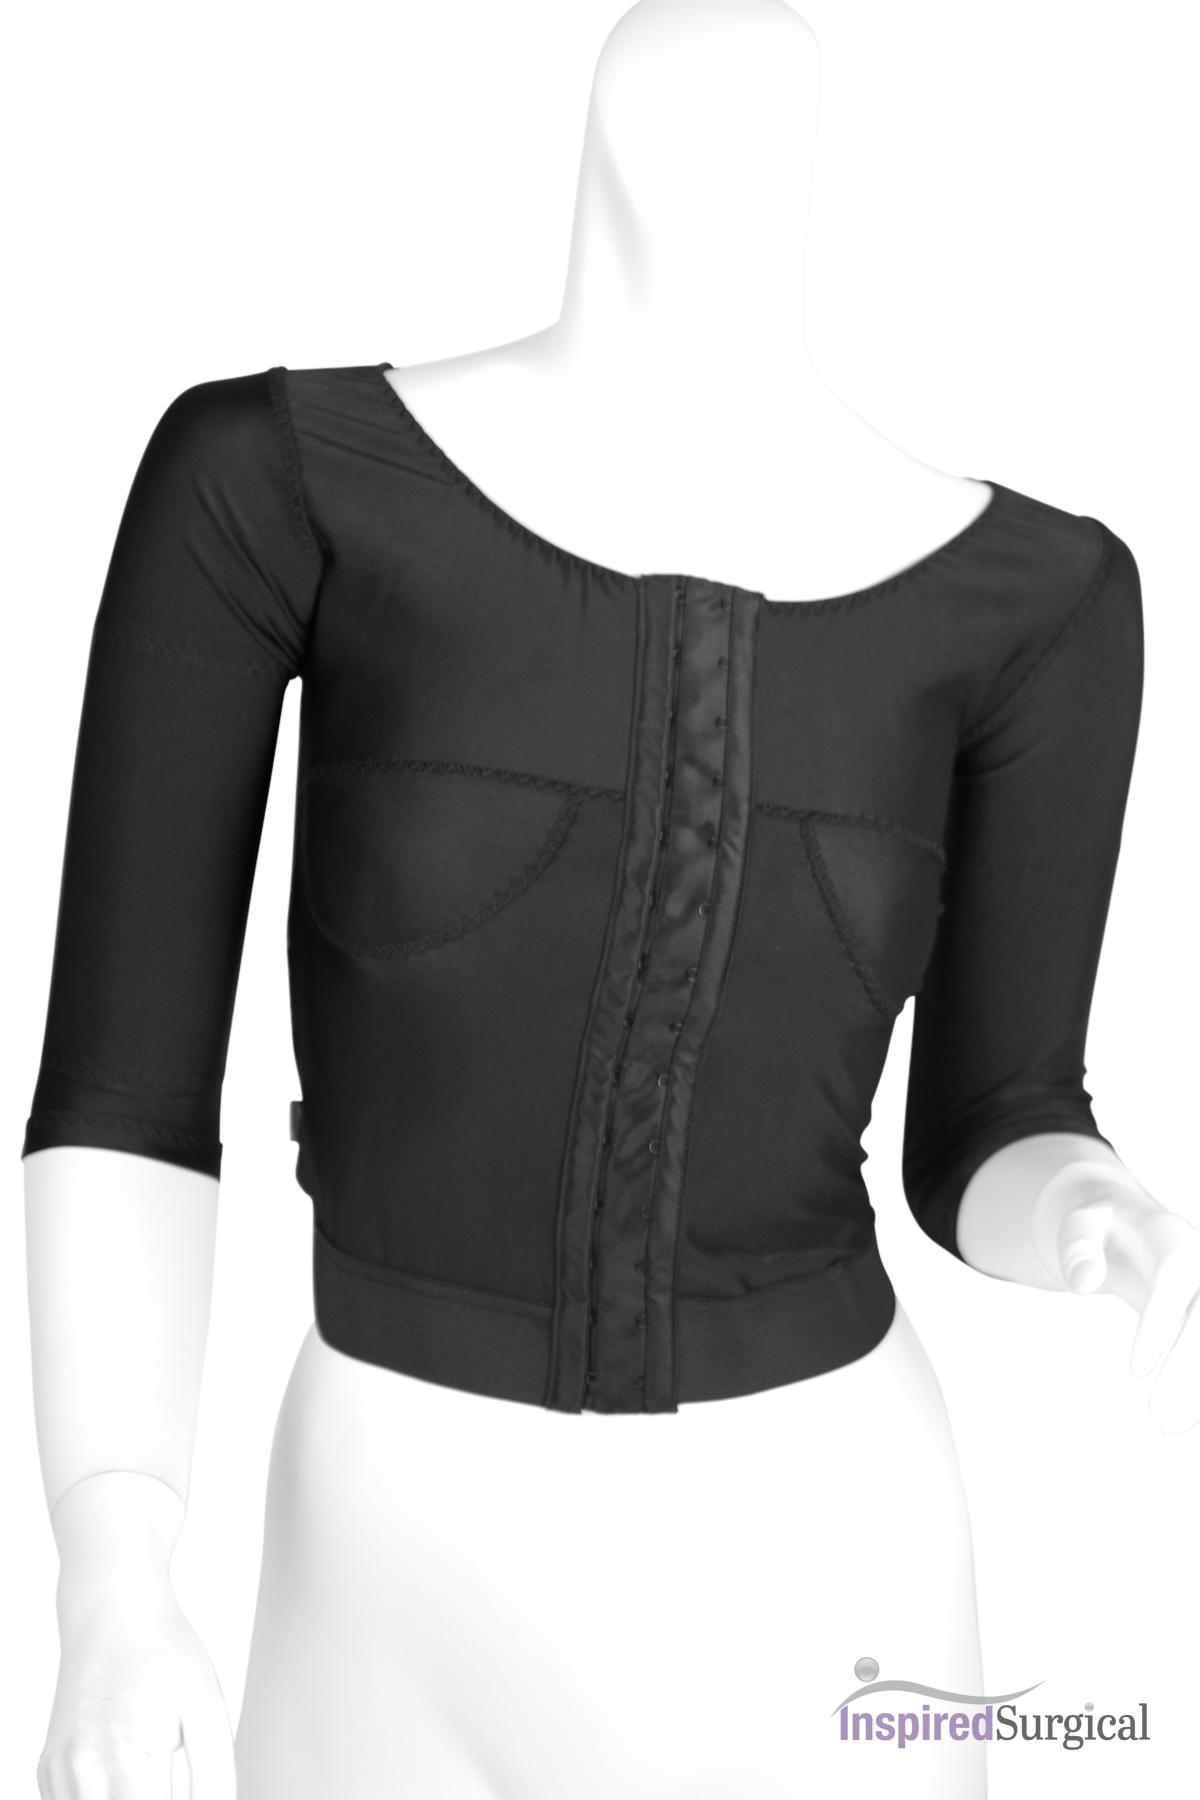 Arm Garment Front